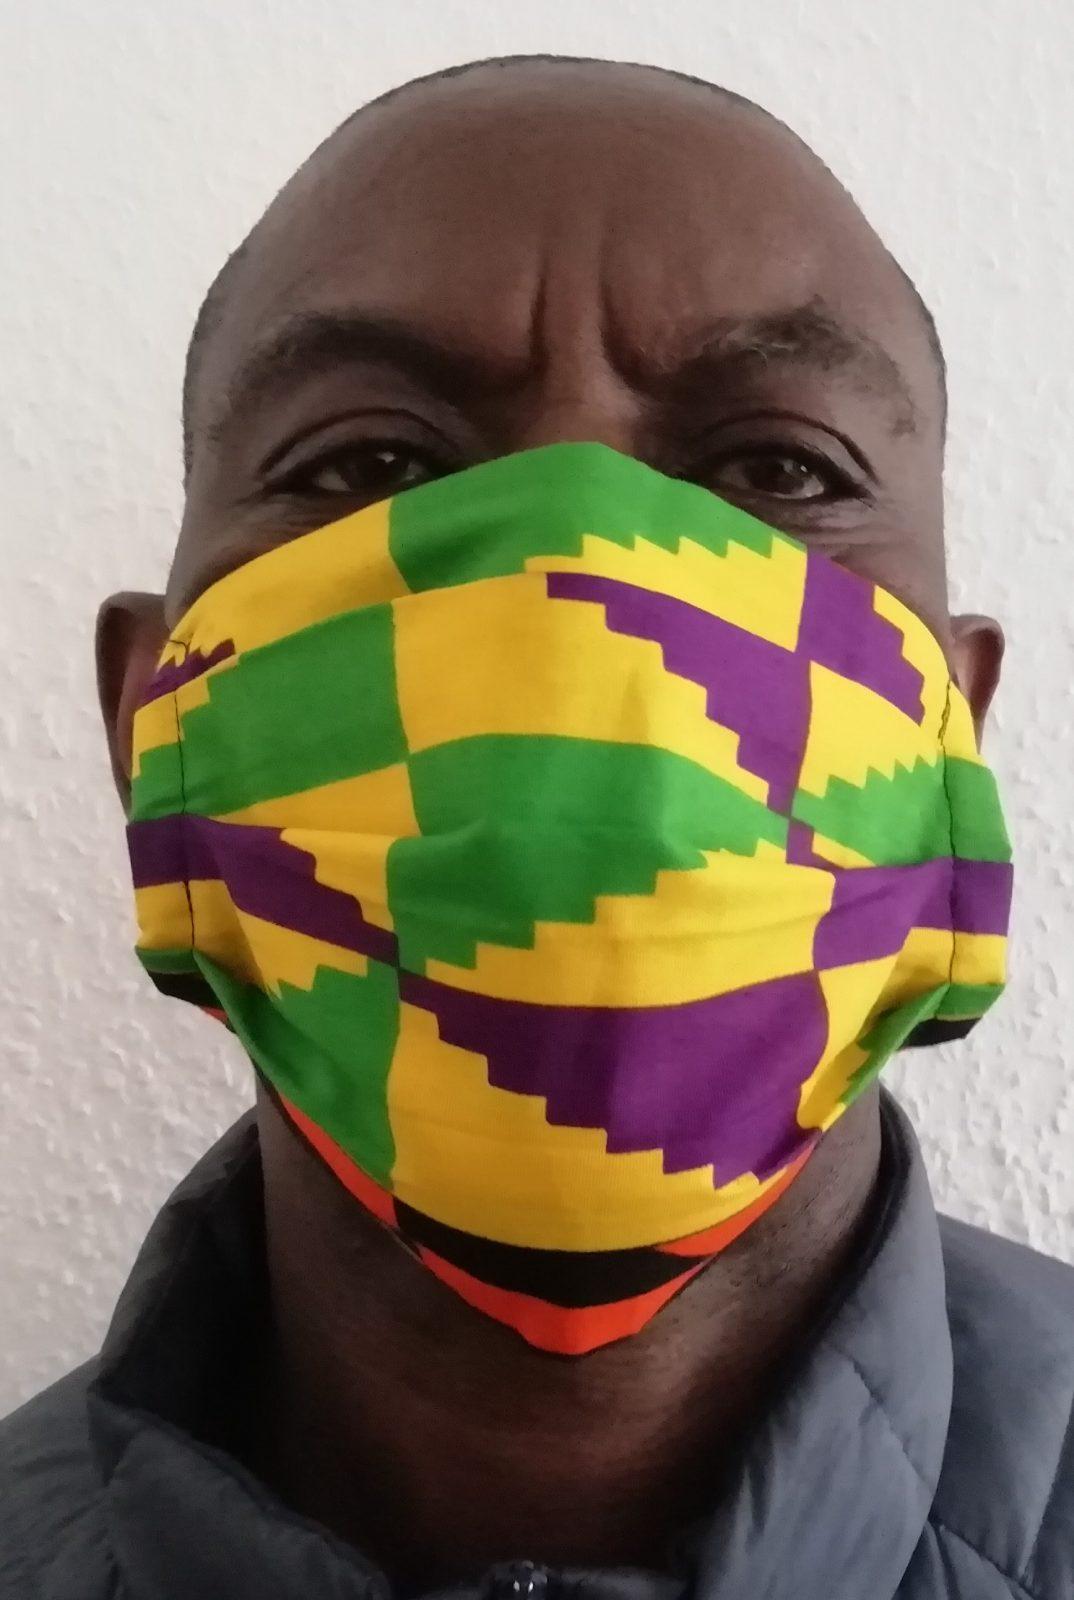 Eine Maske ist nicht gleich Mundschutz. Manche Masken sind schick, lokal und modisch.